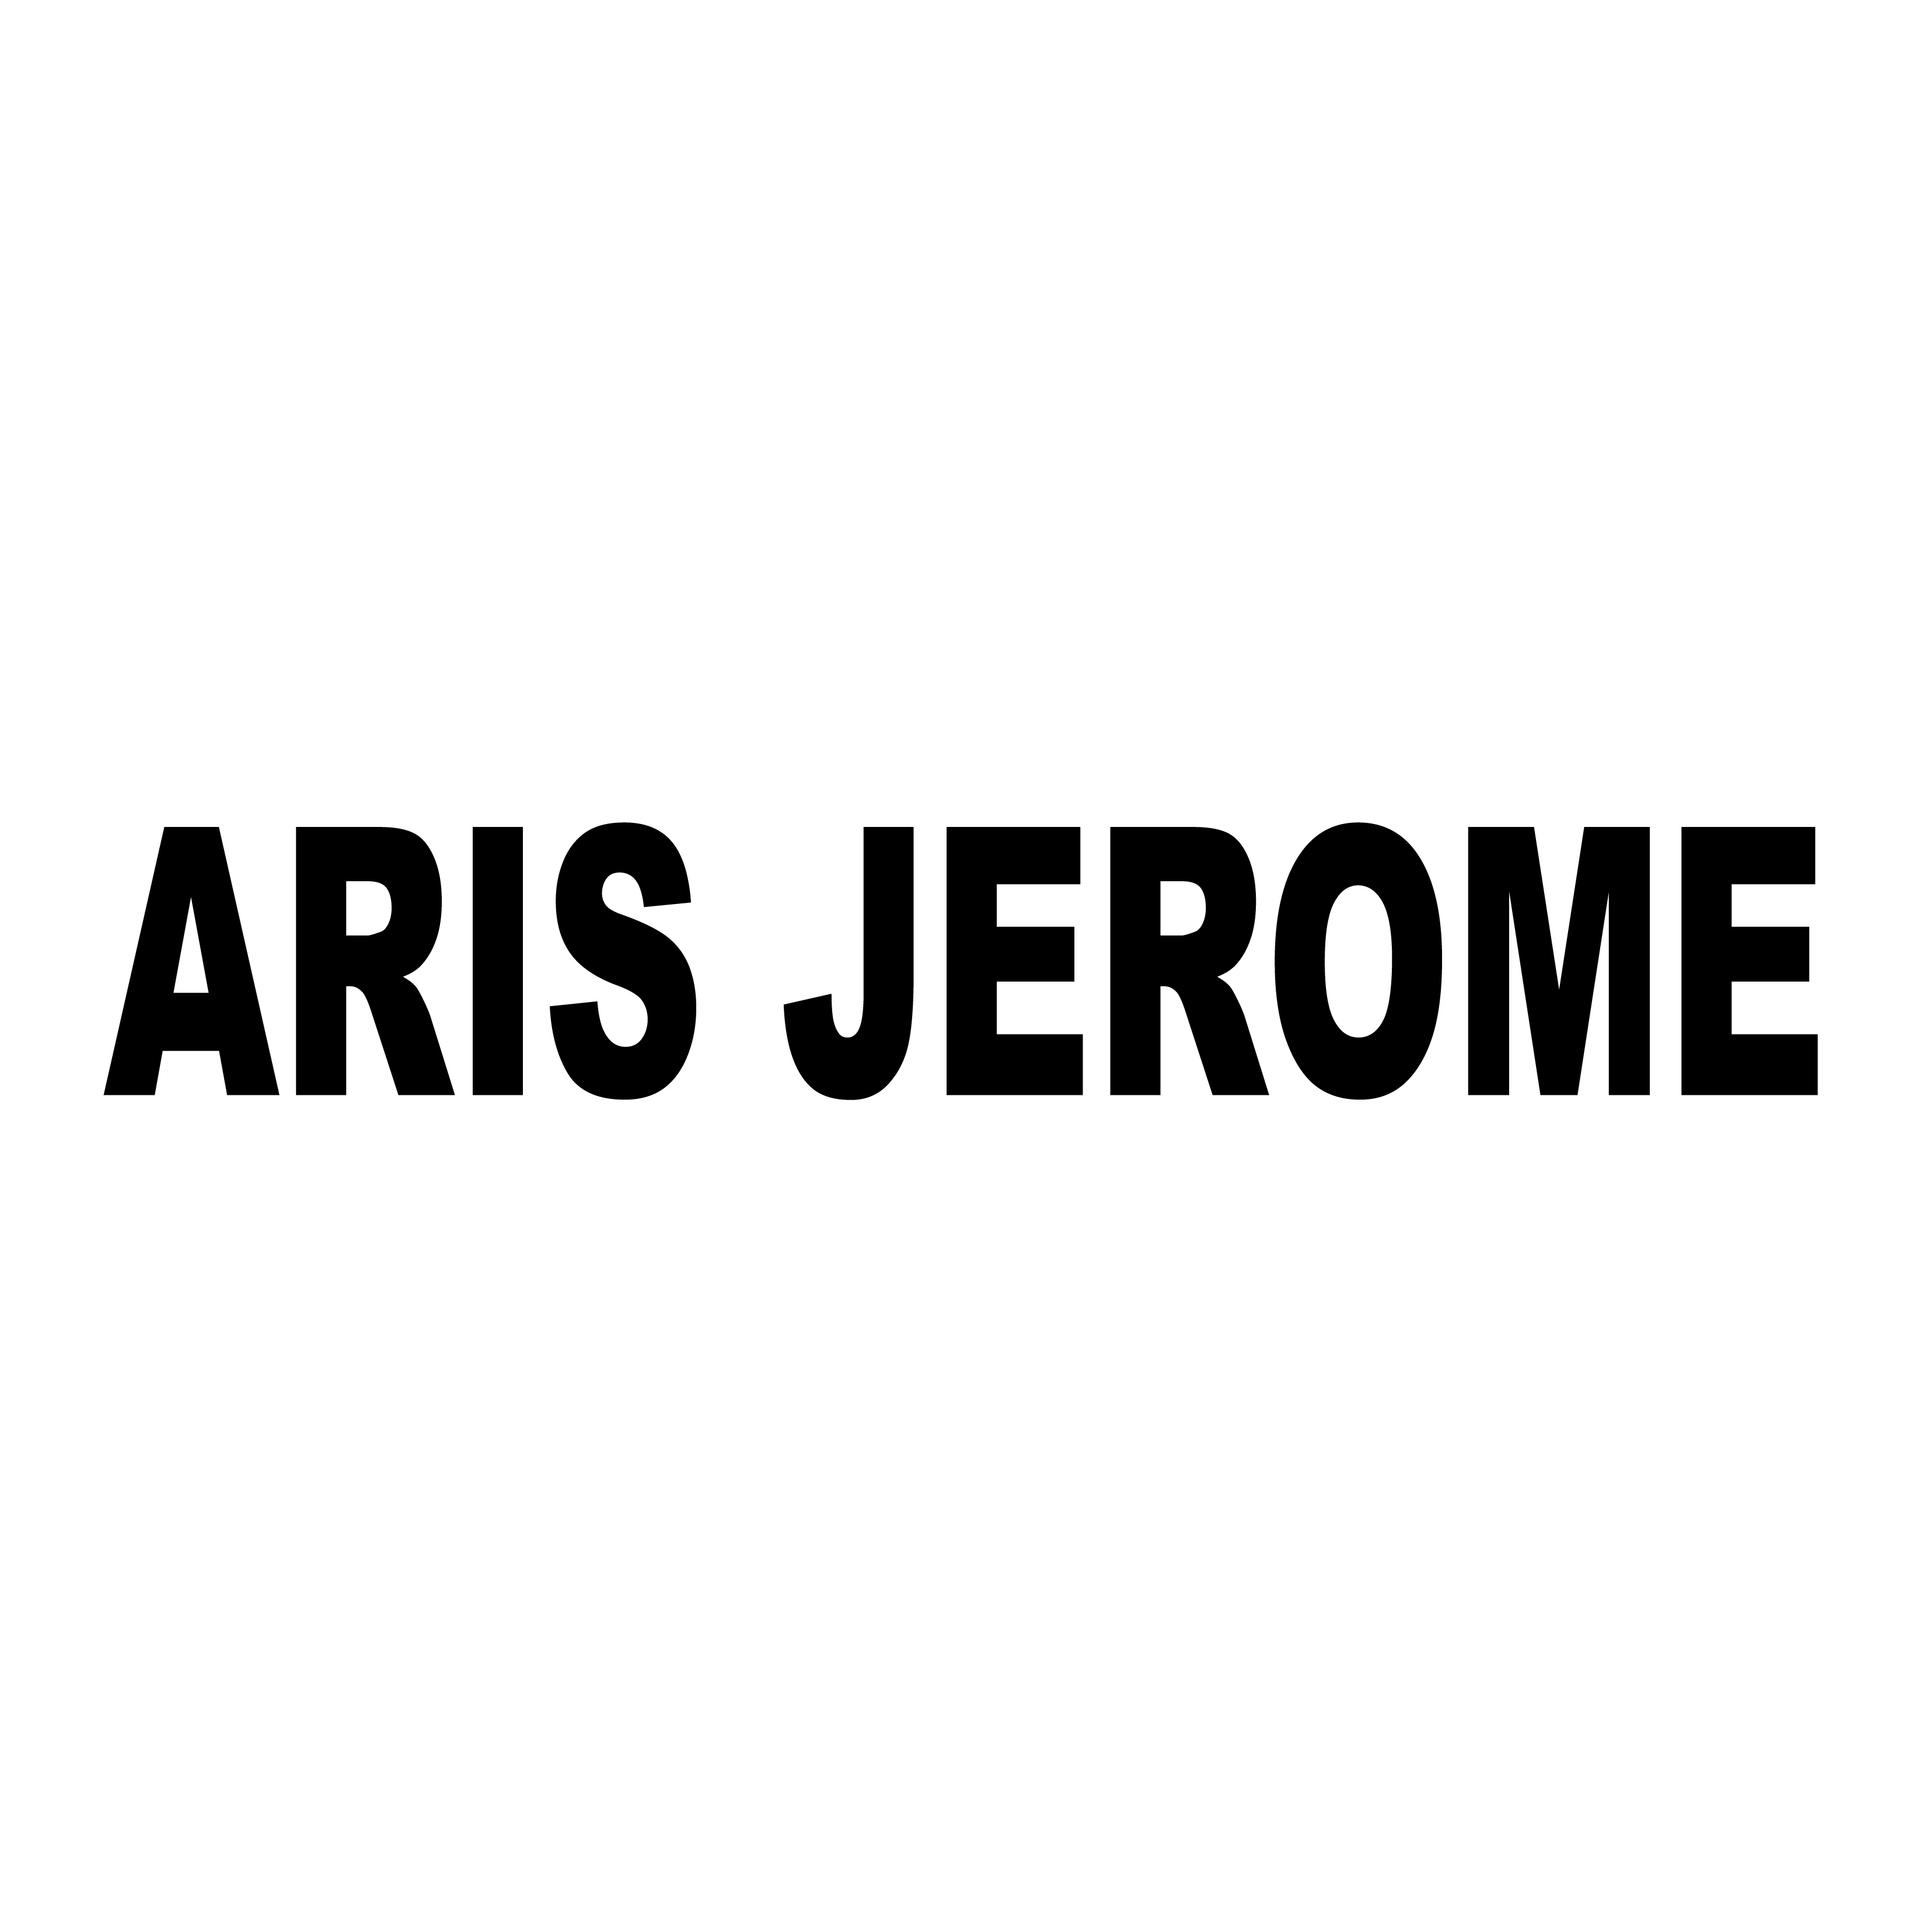 Aris Jerome